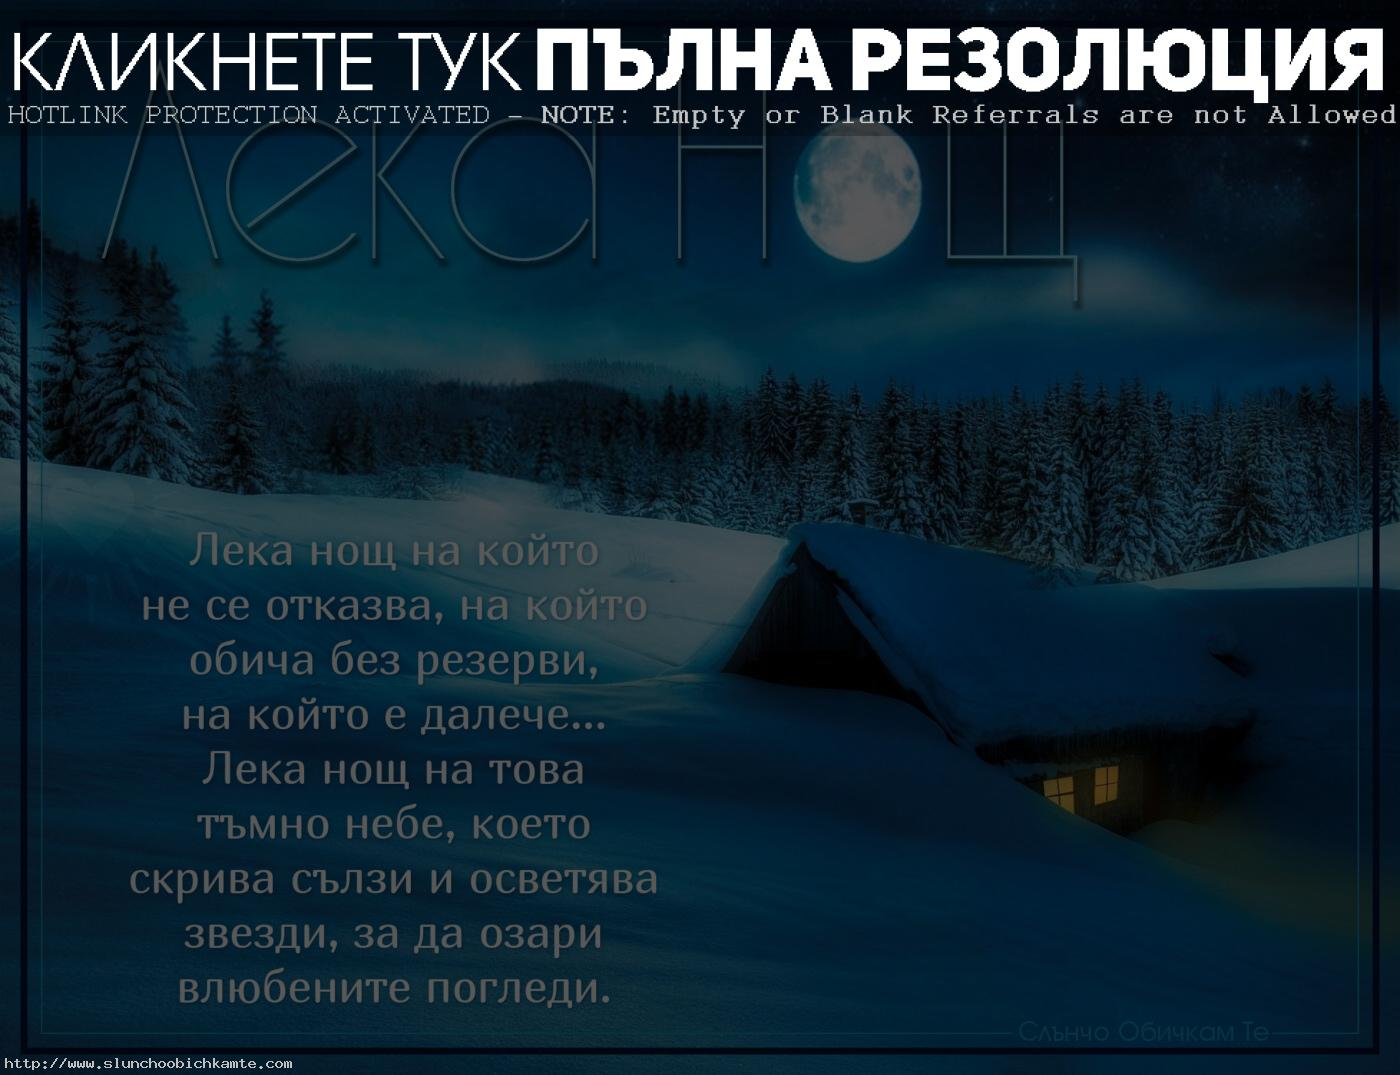 Лека нощ на който не се отказва, на който обича без резерви, на който е далече - Картички за лека нощ, пожелания за лека нощ и спокойна нощ